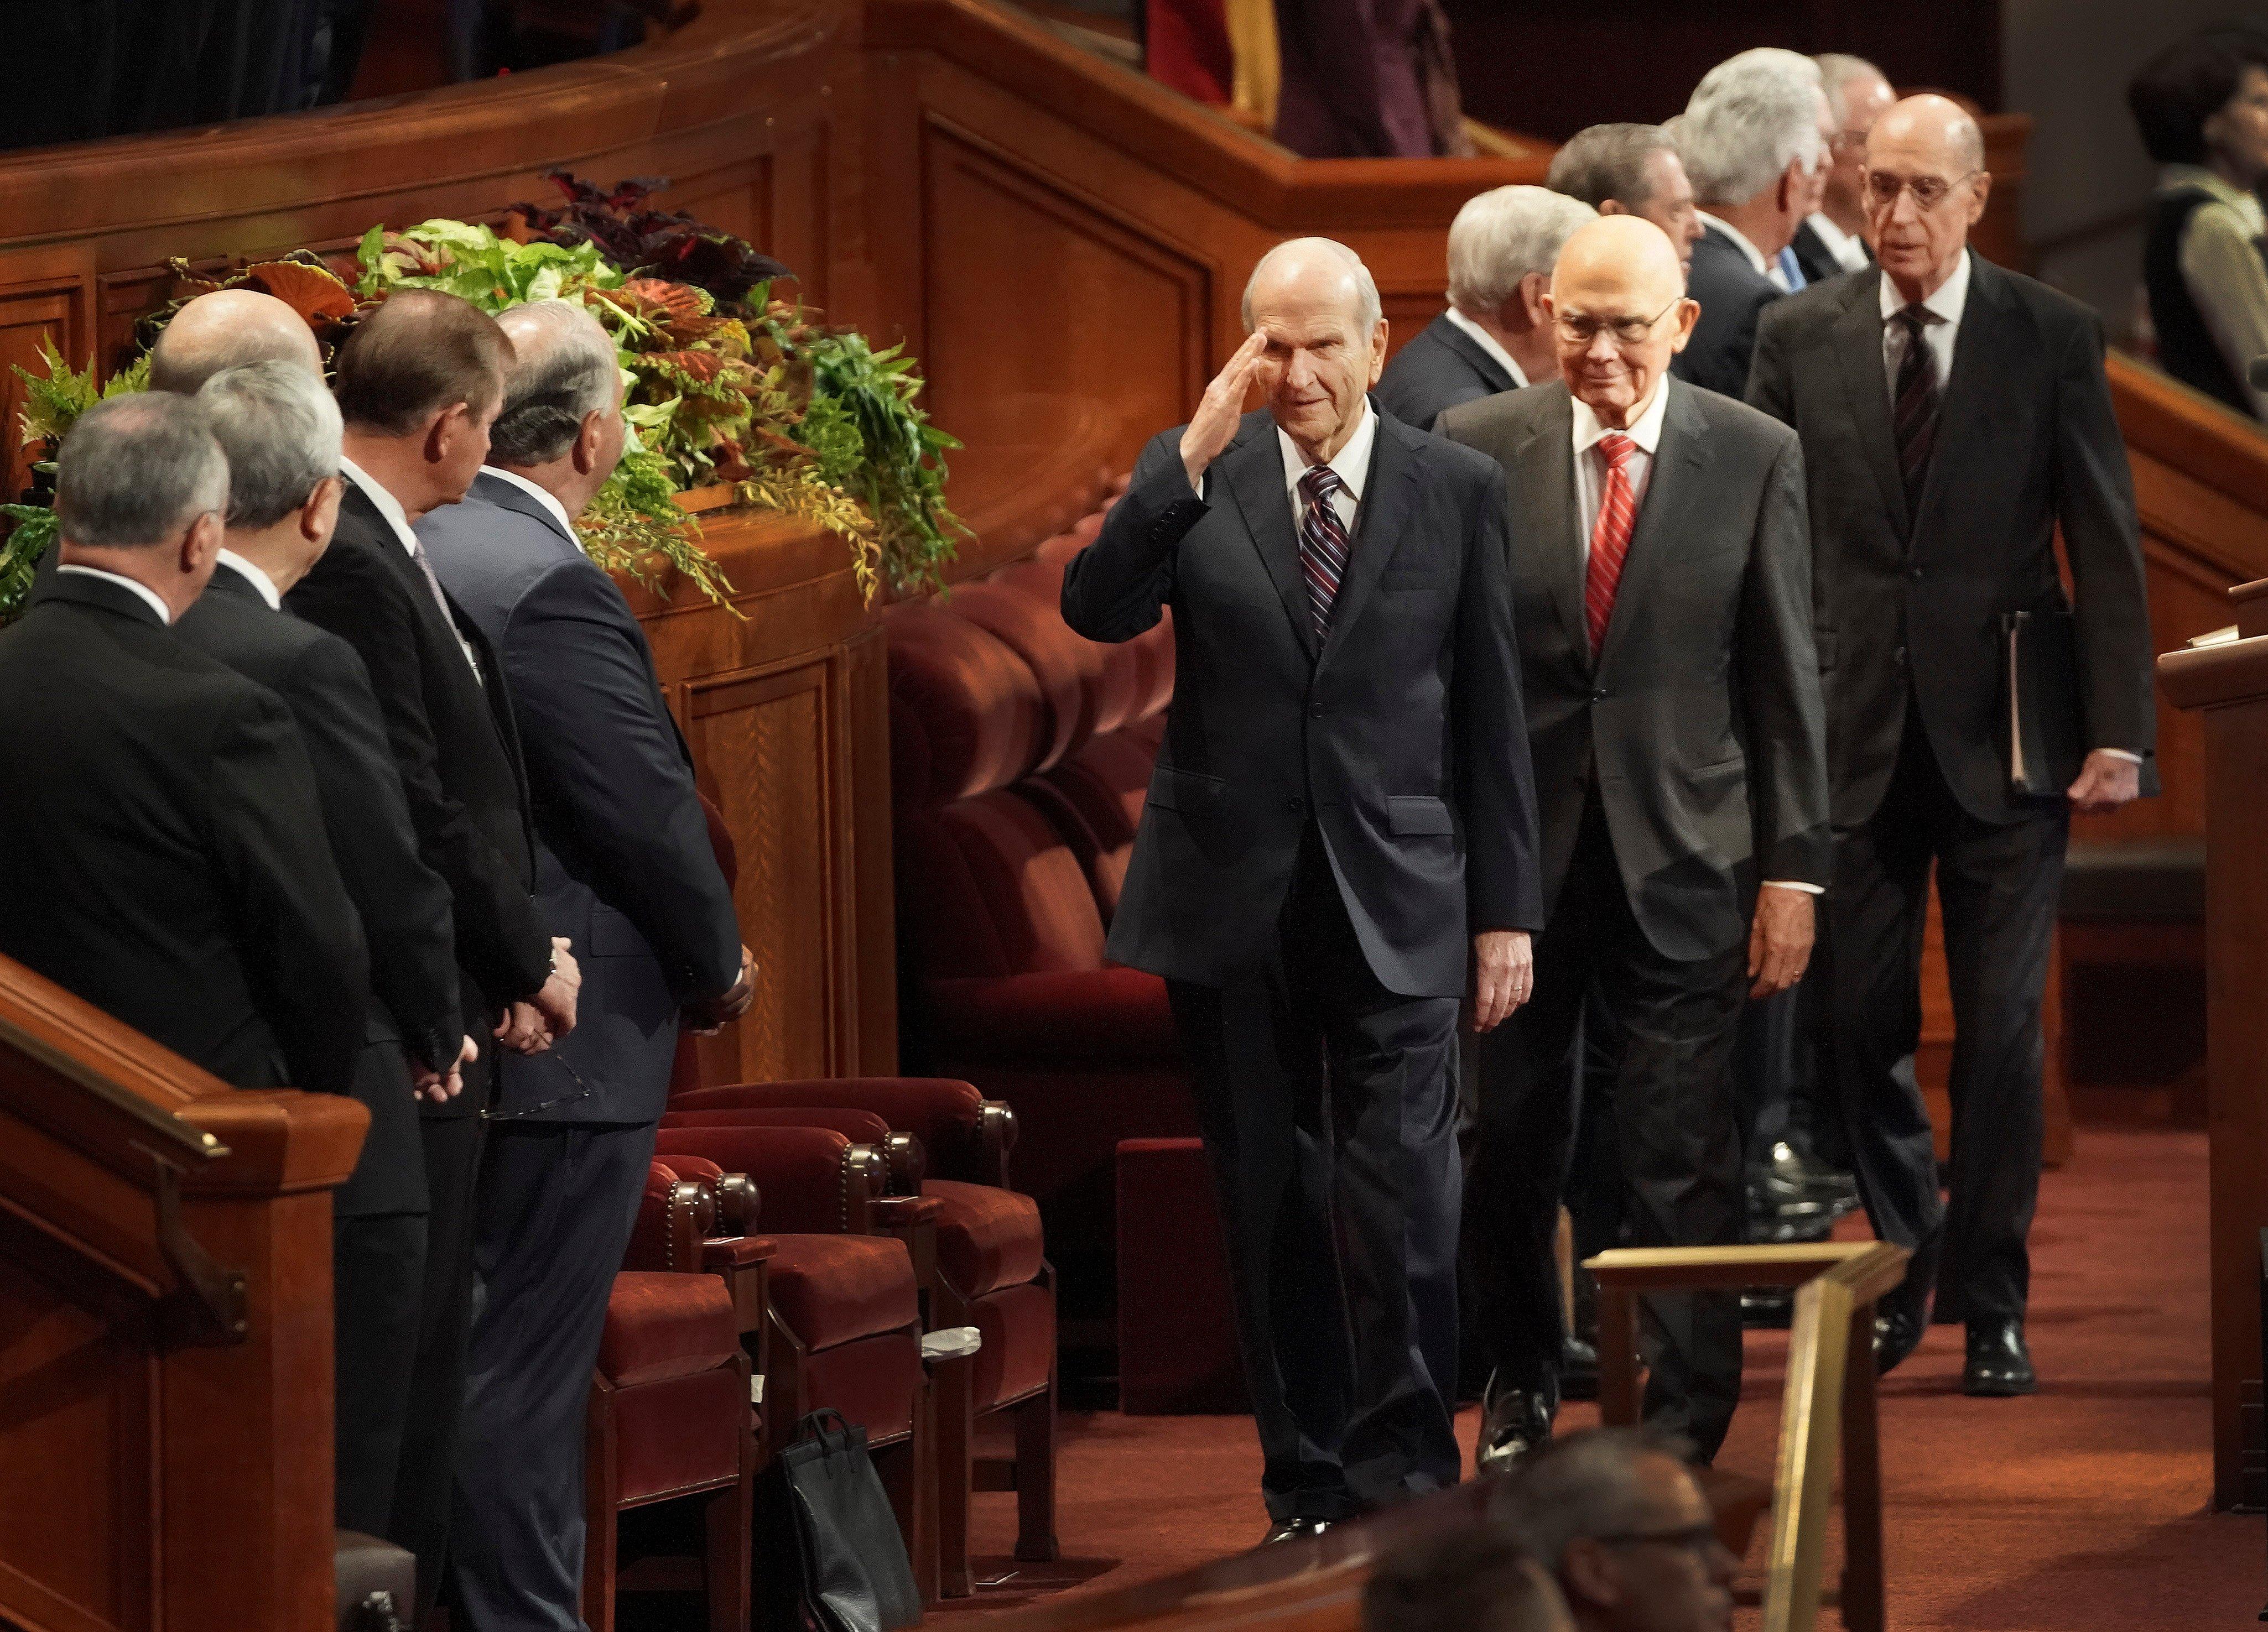 O presidente Russell M. Nelson, de A Igreja de Jesus Cristo dos Santos dos Últimos Dias, saúda as autoridades gerais ao entrar no Centro de Conferências antes da sessão da manhã de sábado da Conferência Geral Semestral nº 189 da religião em Salt Lake City no sábado, 5 de outubro de 2019.